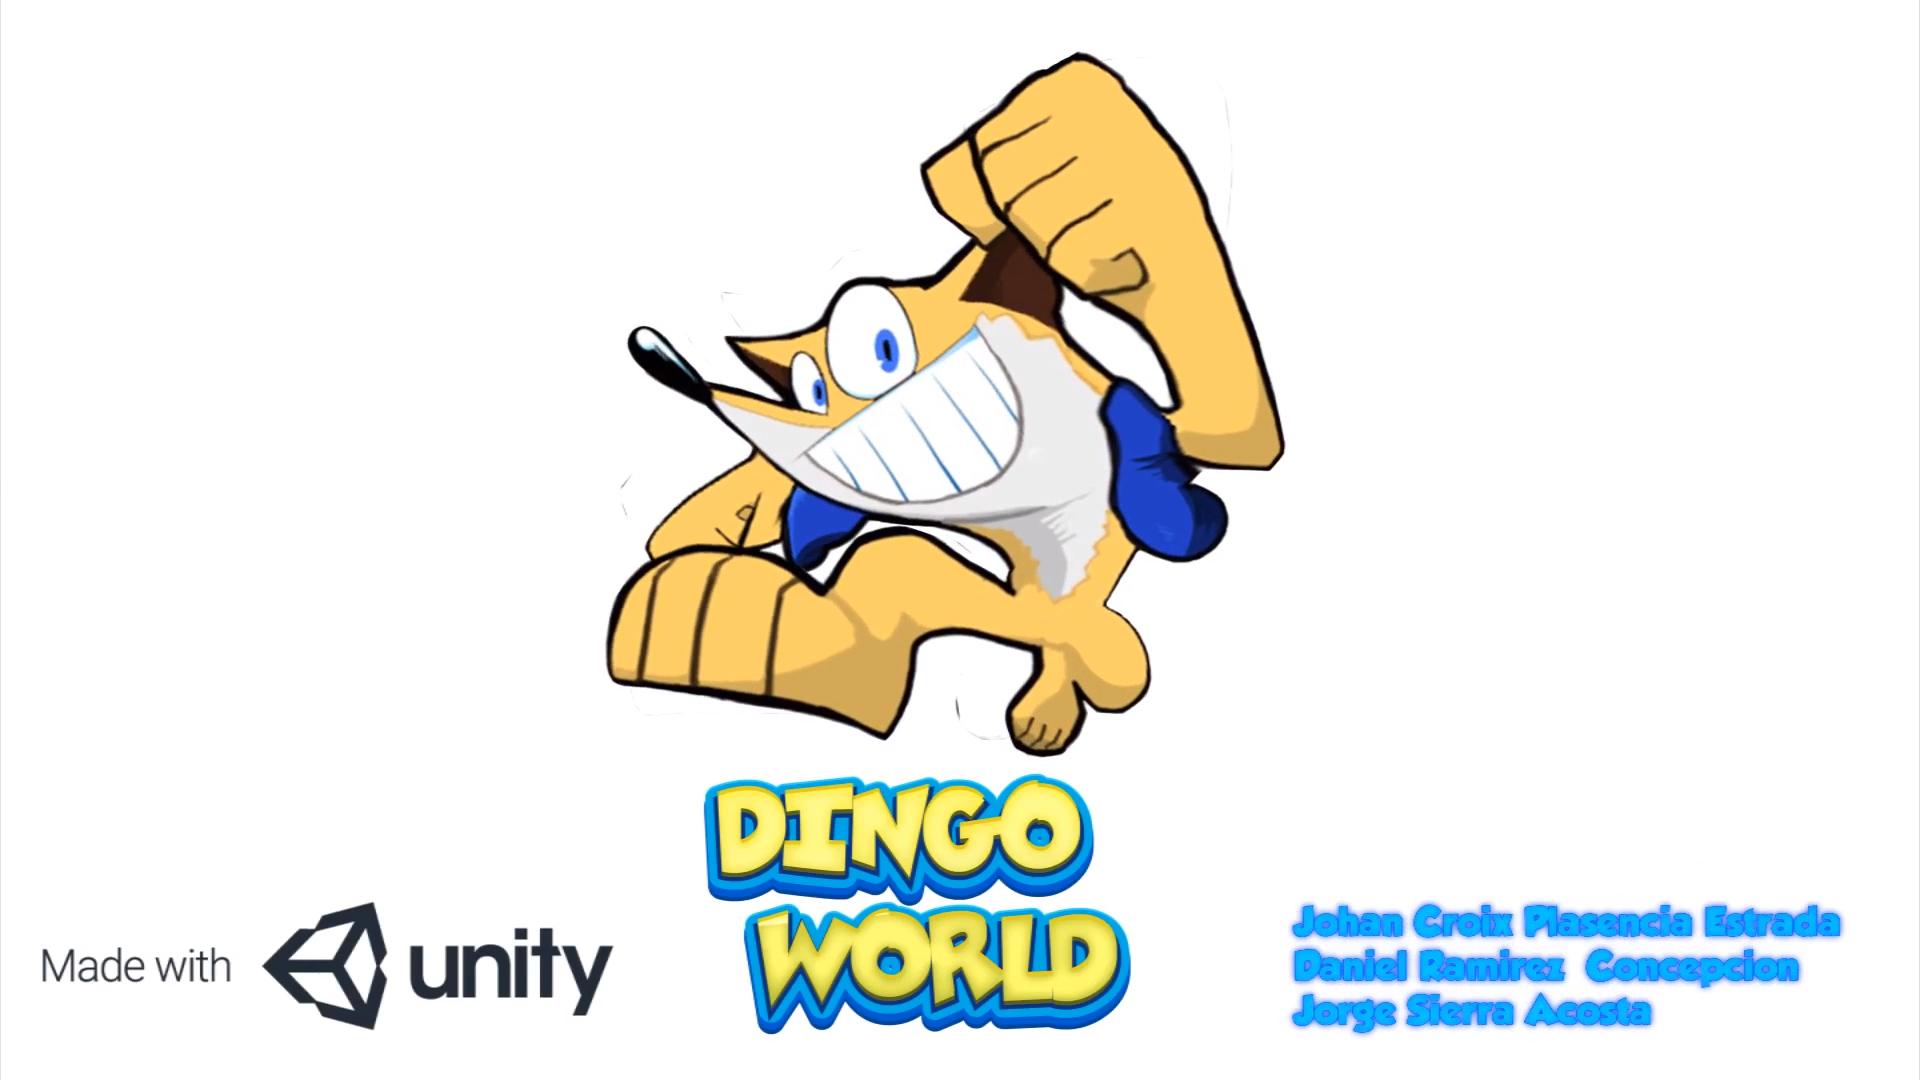 Dingo World